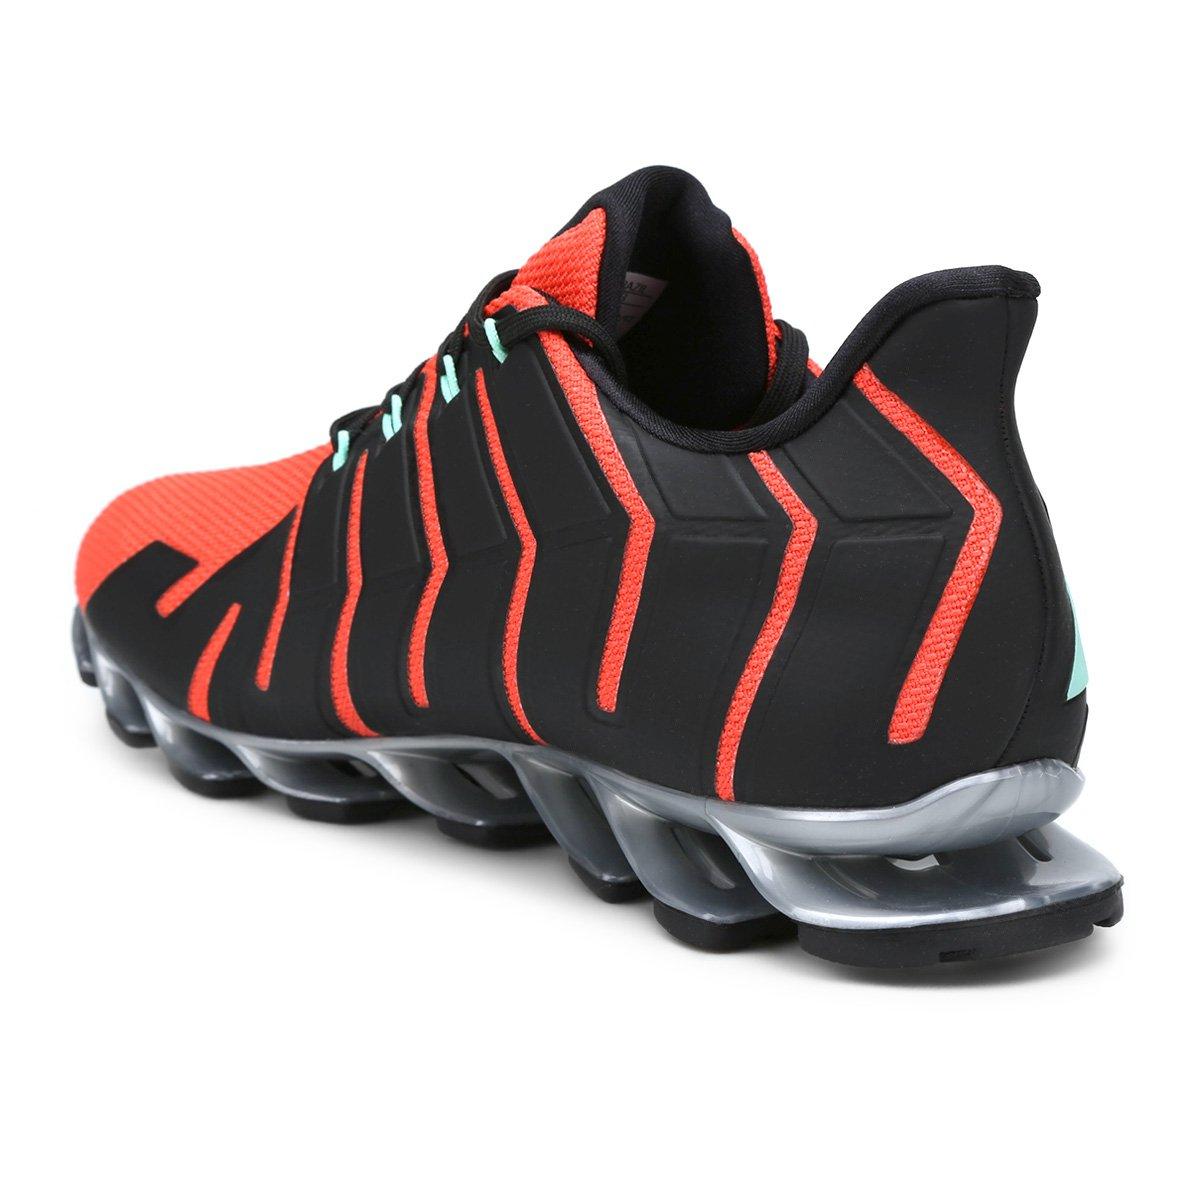 Tênis Adidas Pro Laranja Tênis e Springblade Adidas Preto Feminino 5Uxx6z7